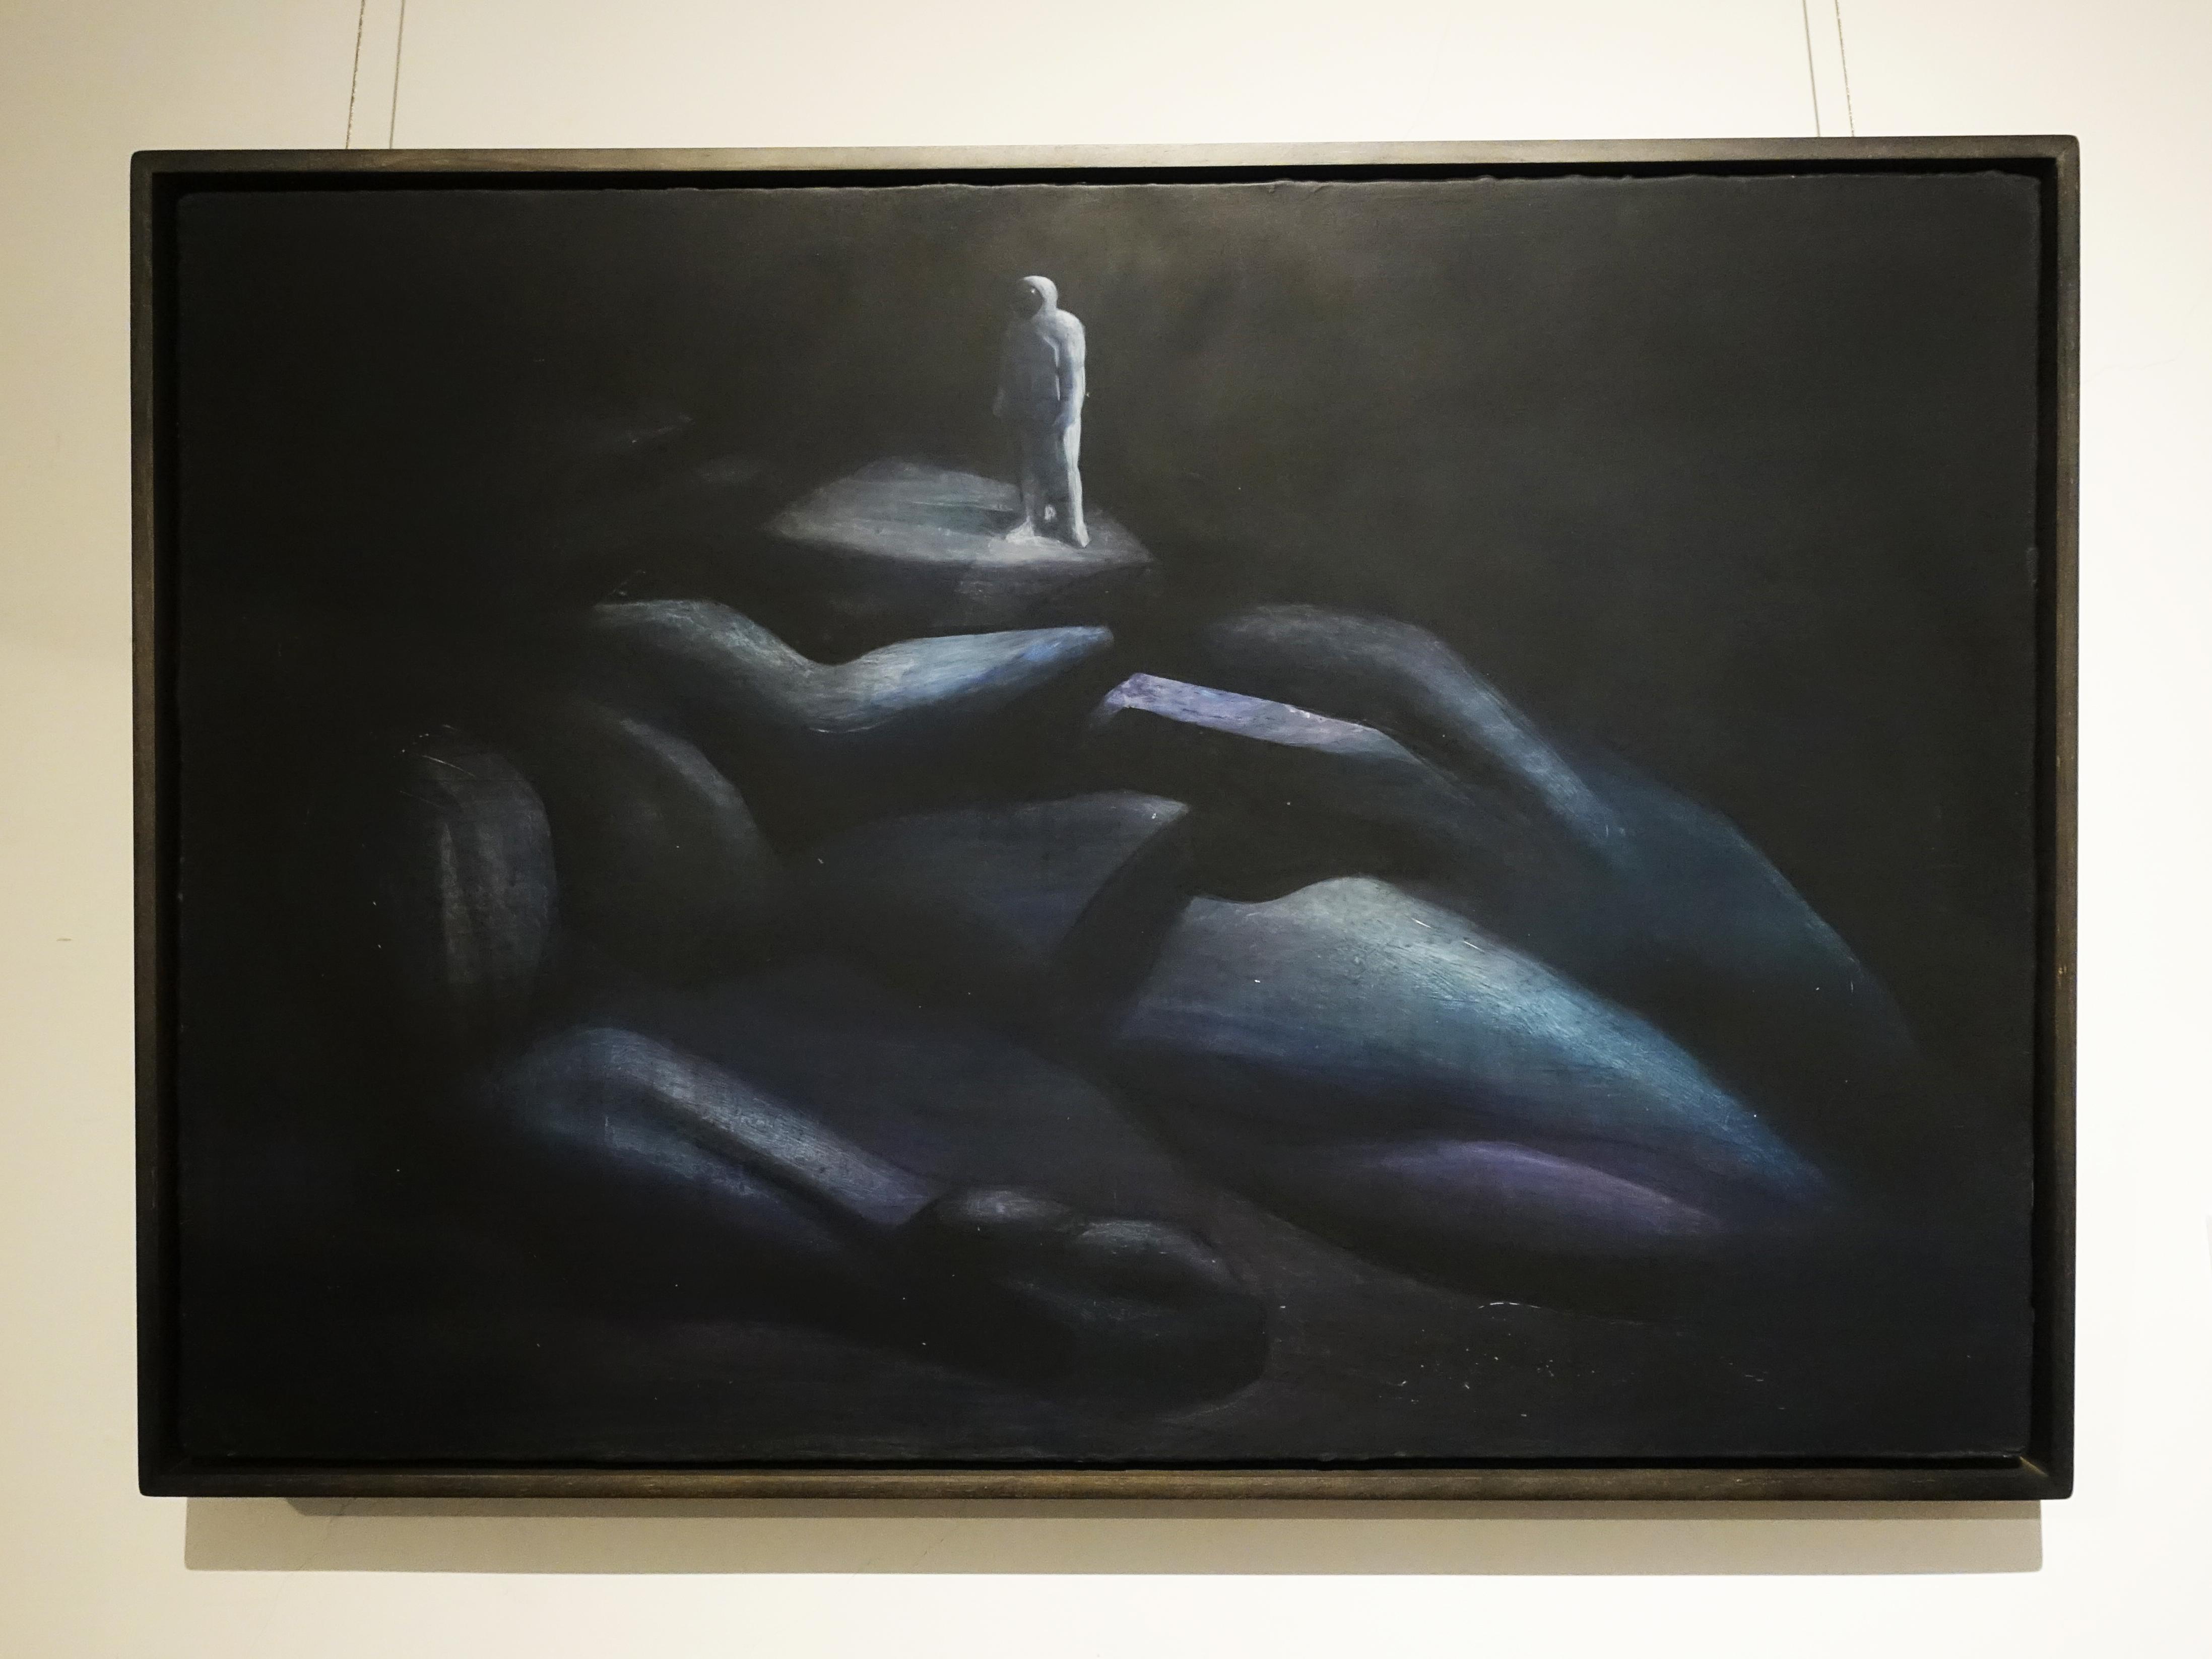 鄭思宇,《座標確認》,75 x 53 cm,無酸樹脂、壓克力、畫布,2019。